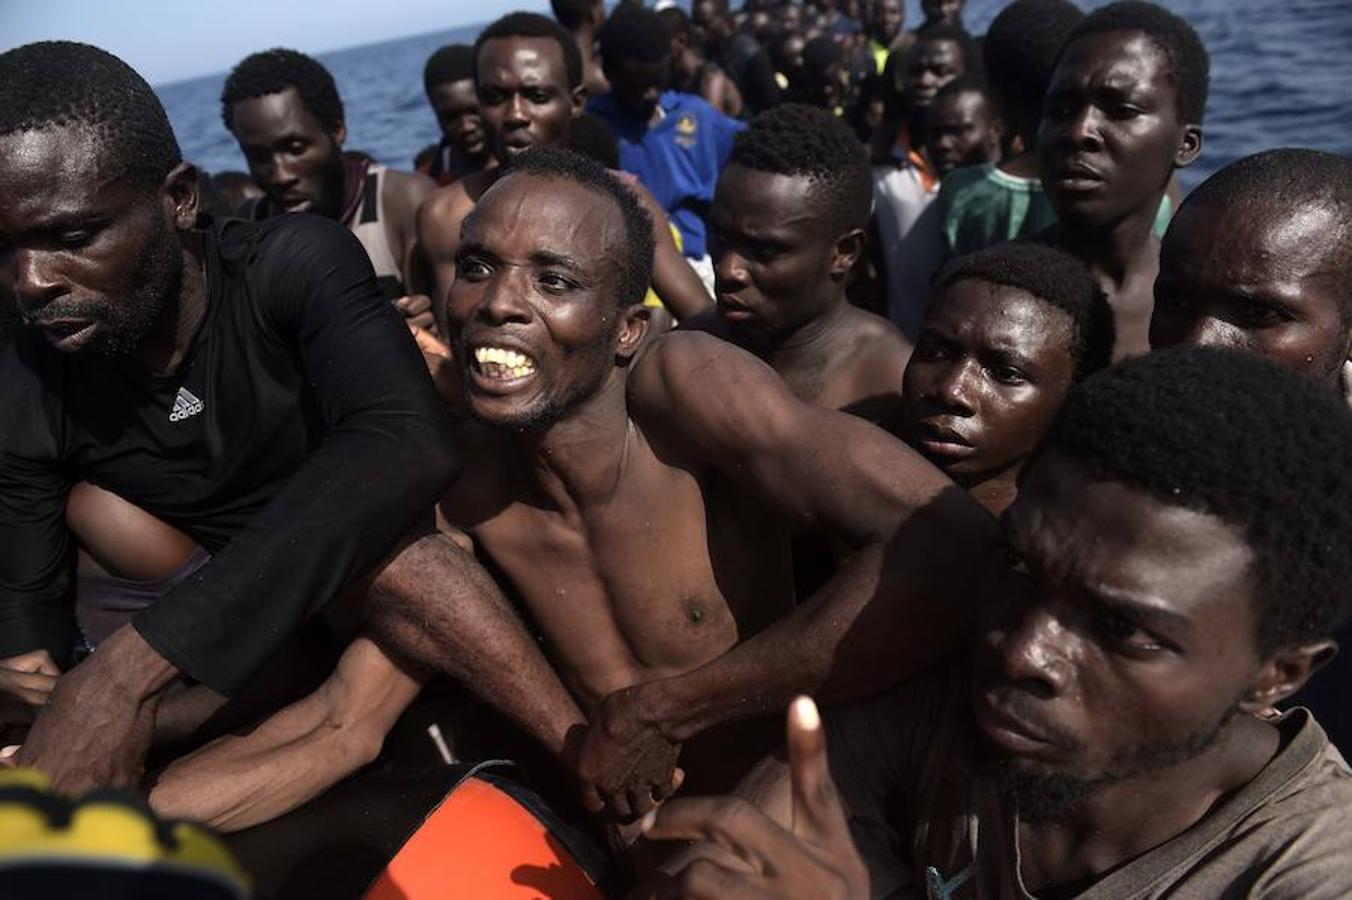 Los inmigrantes se arraciman en espera de ser traspasados a los barcos de auxilio